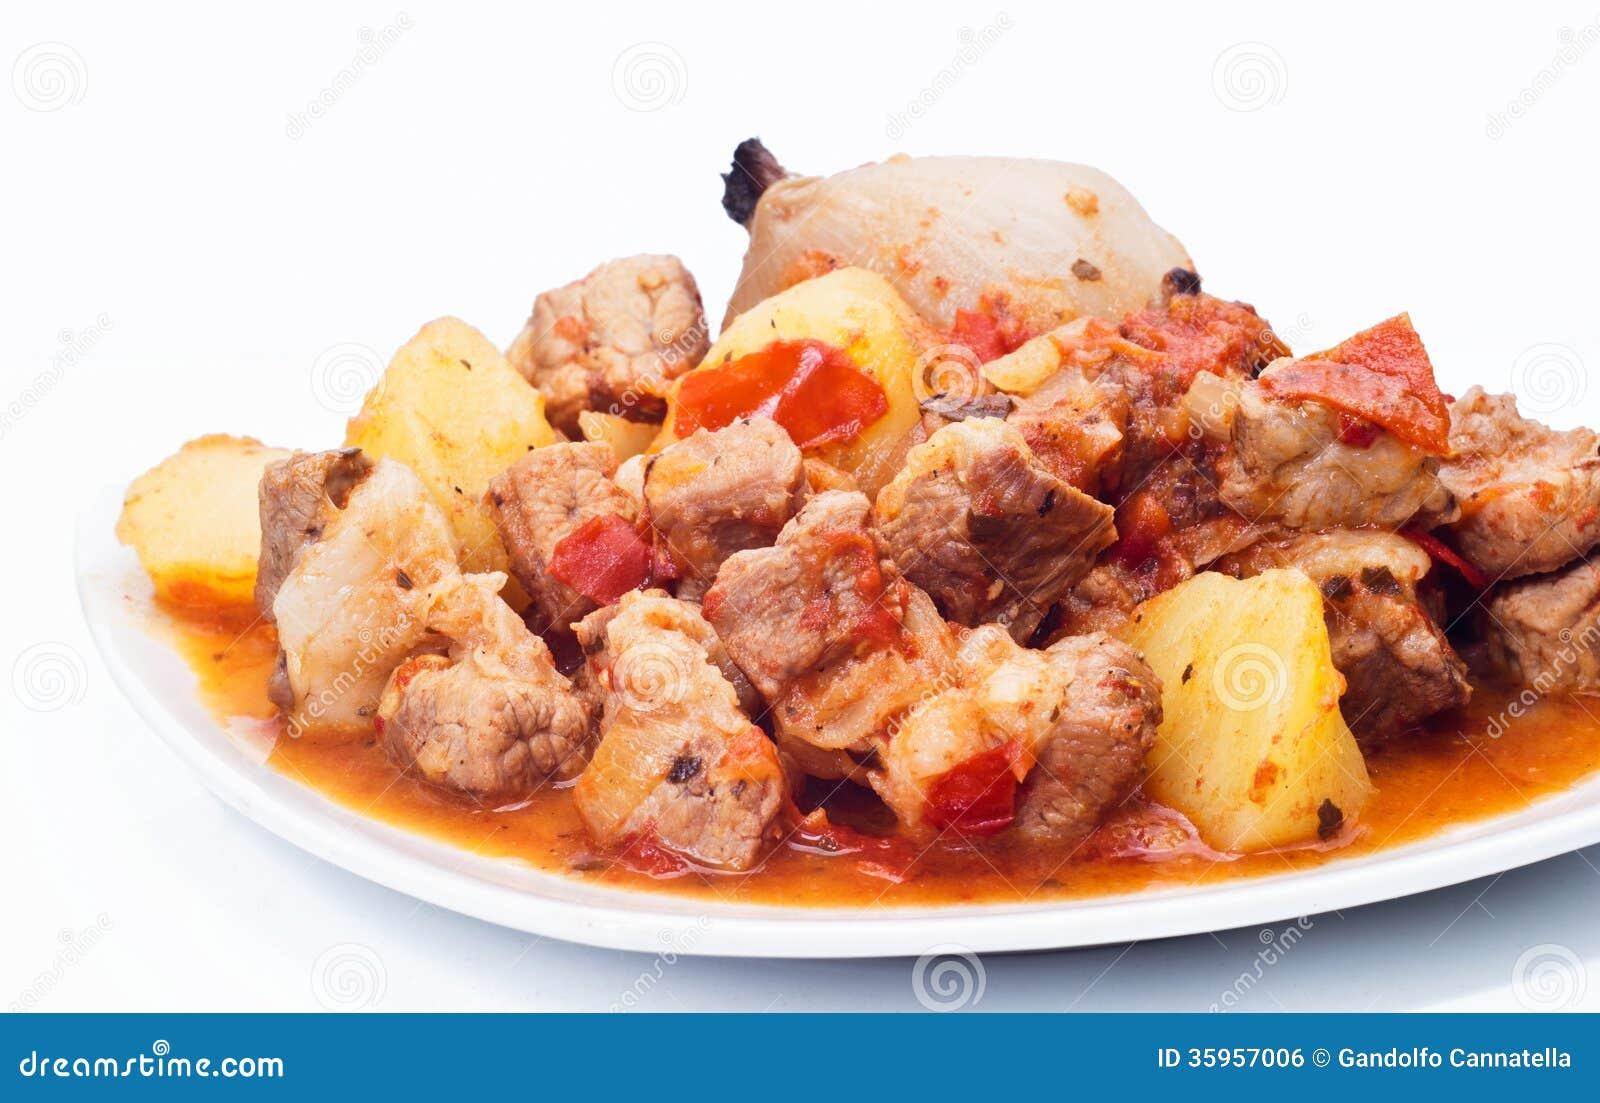 Caldo de buey, patatas y cebolla